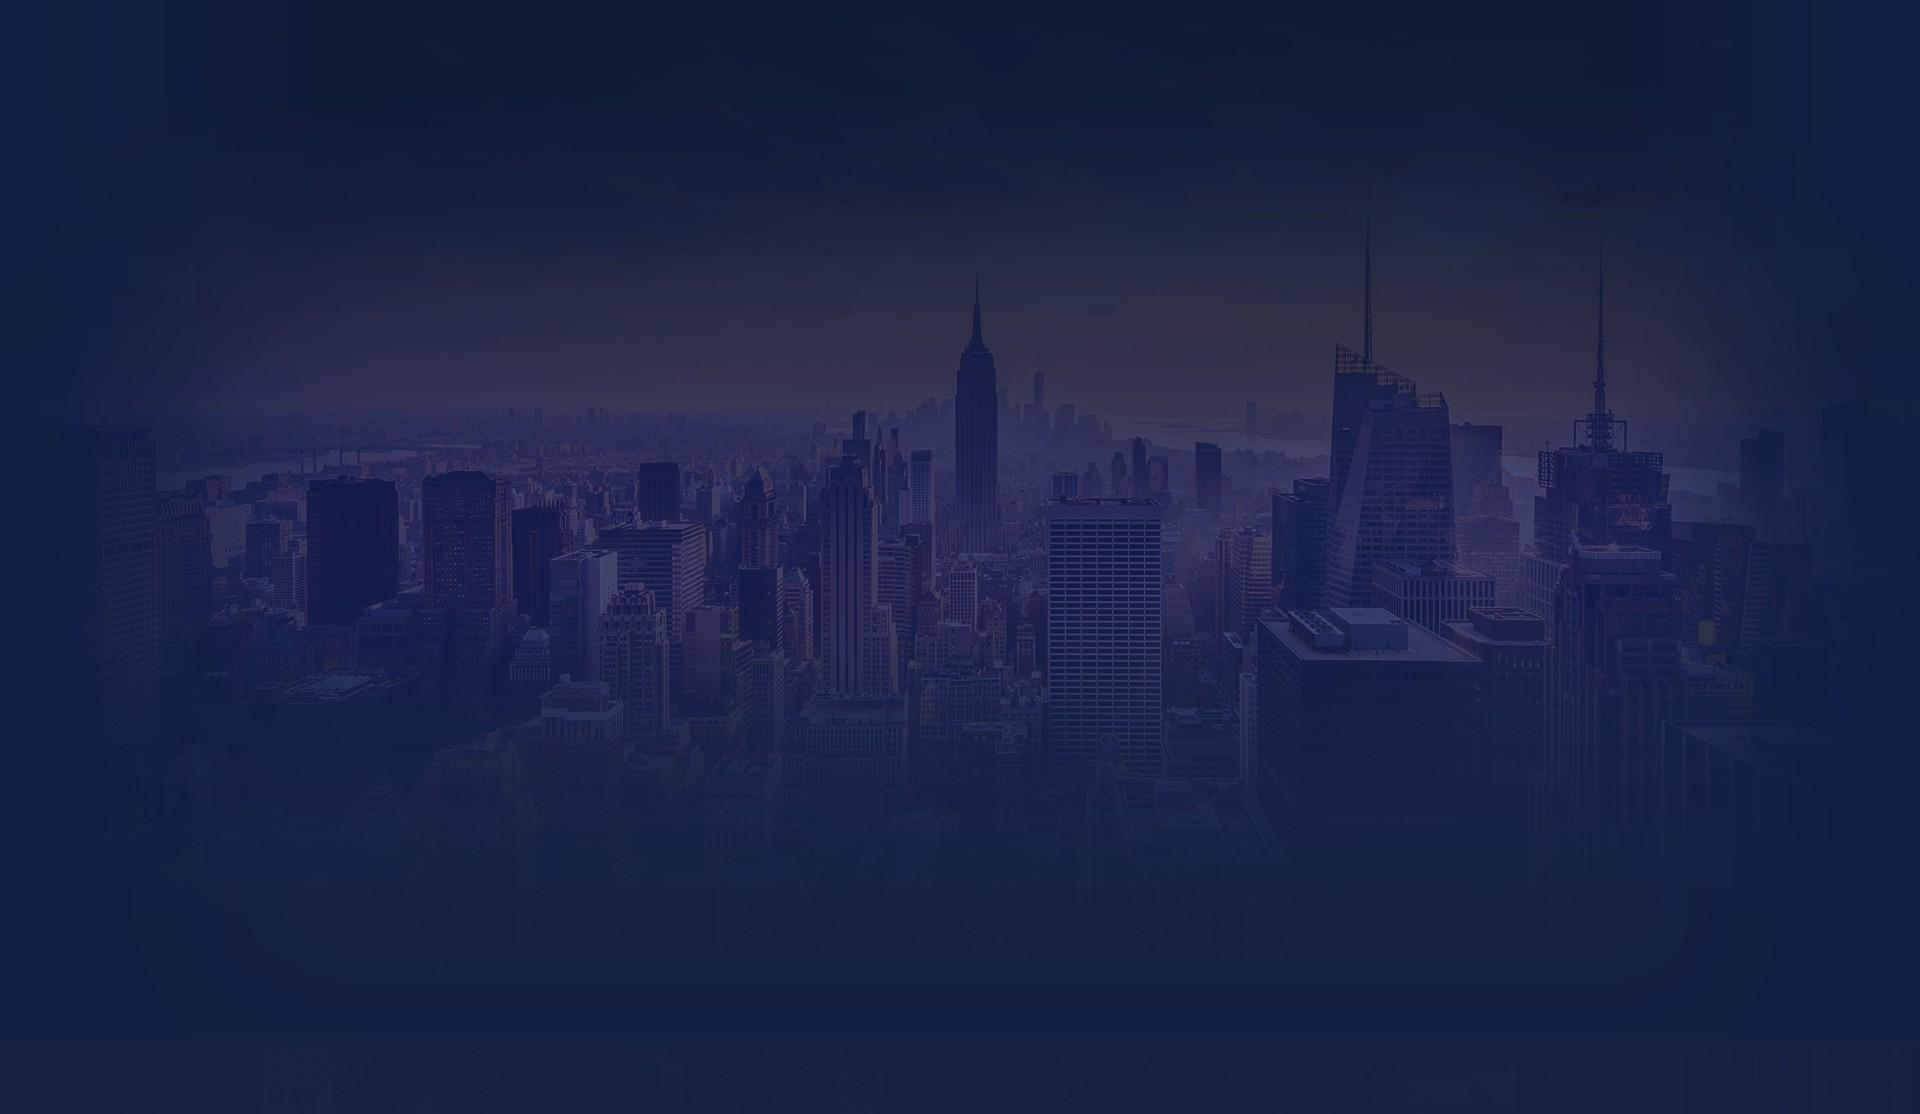 New York SEO Company - OTT - 2019 Award Winning SEO Services